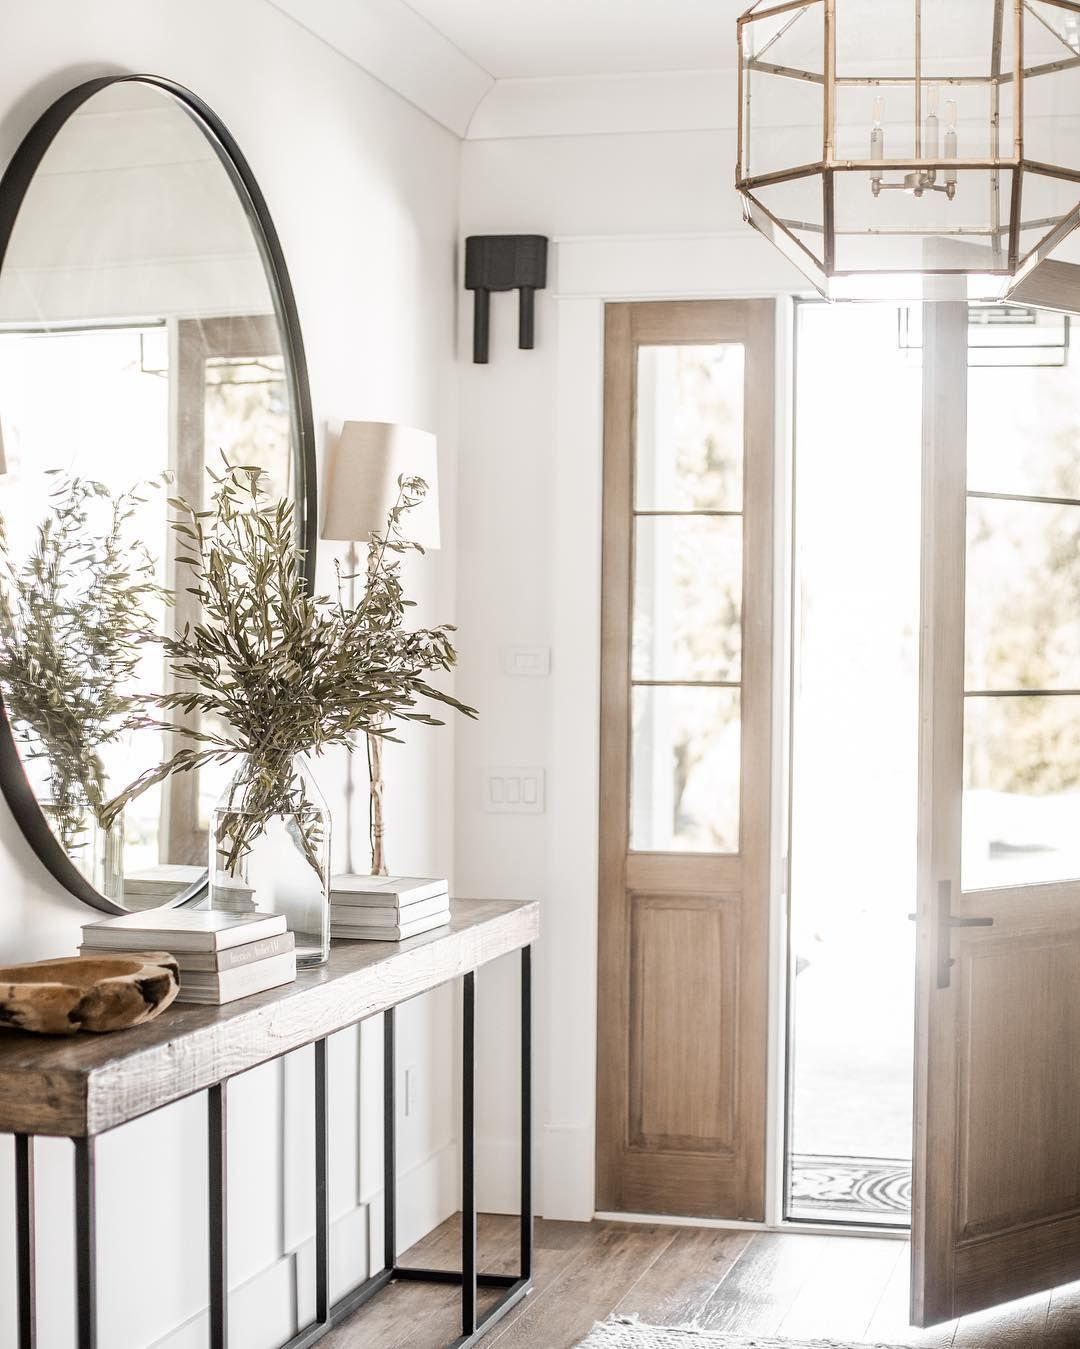 Mettre Un Miroir Dans Une Cuisine top déco] 7 manières de décorer l'entrée avec un miroir